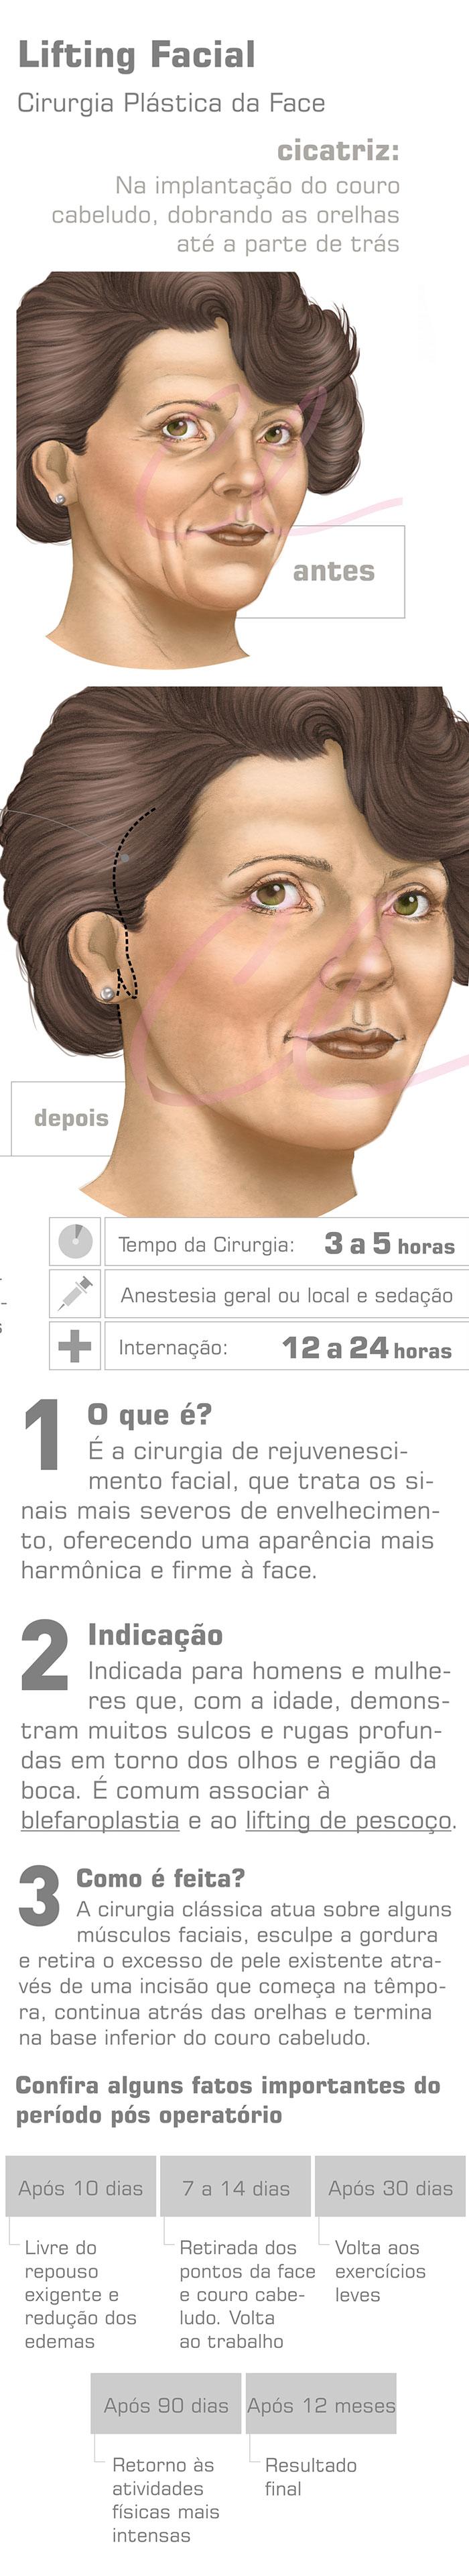 Lifiting Facial